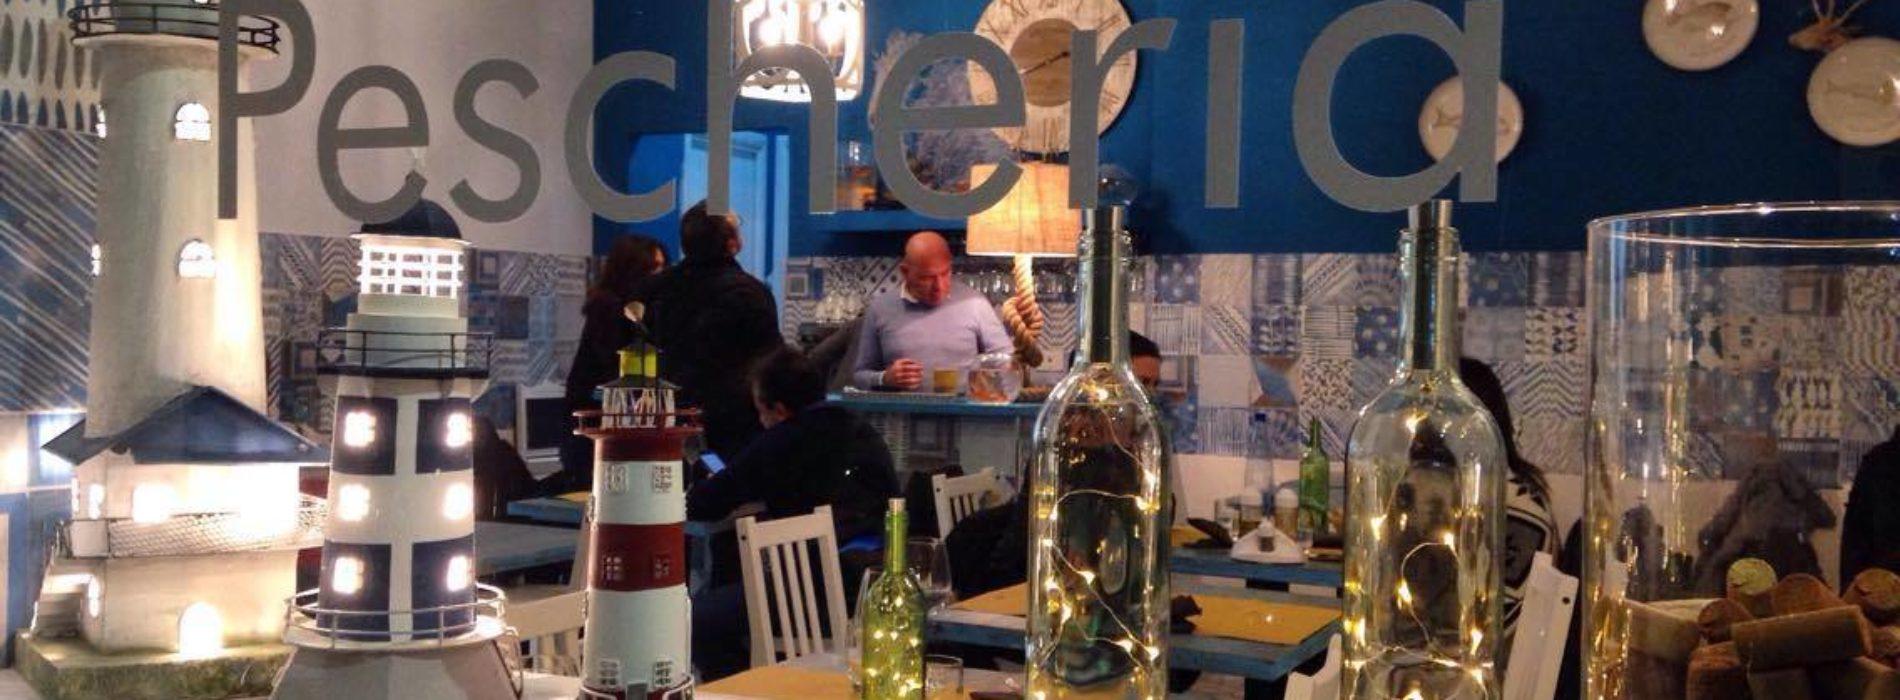 Le Leccornie Roma, pescheria con cucina al Pigneto